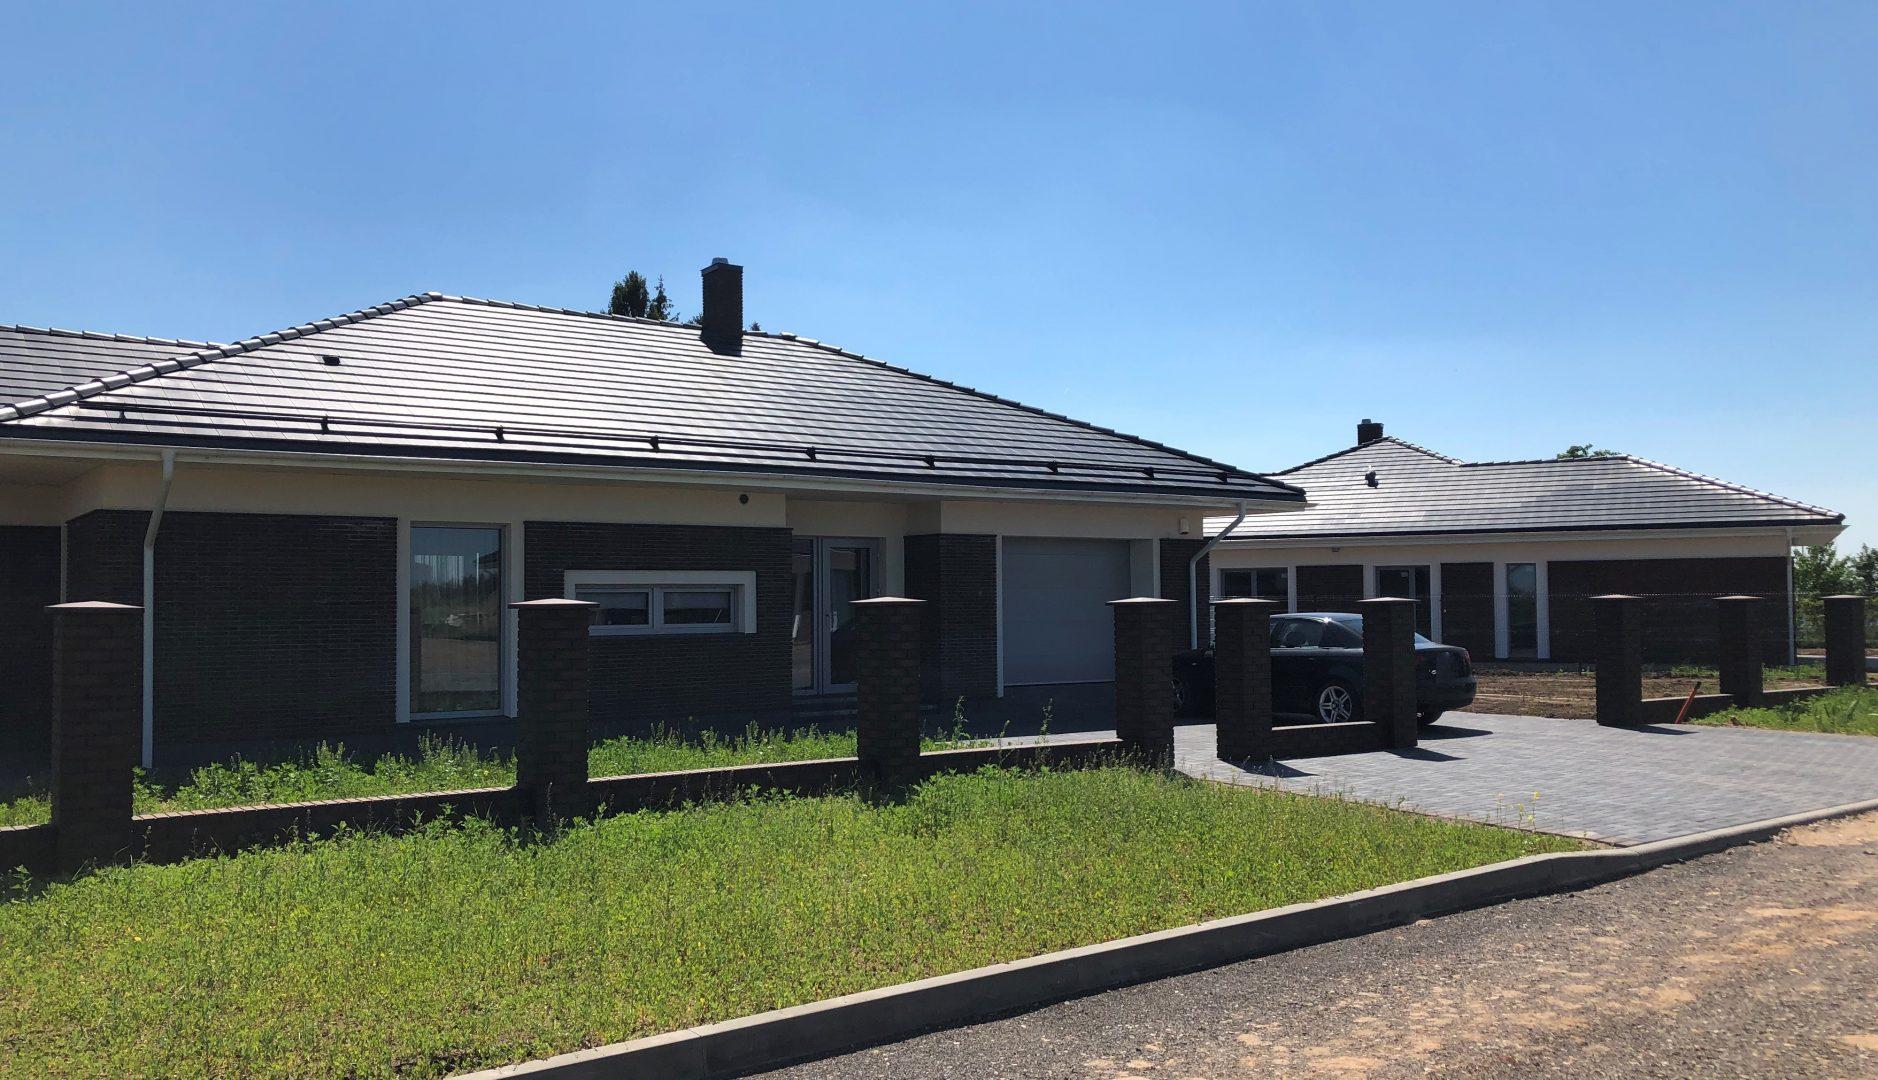 Plėtojamas individualių namų kvartalas Molainiuose, Panevėžyje